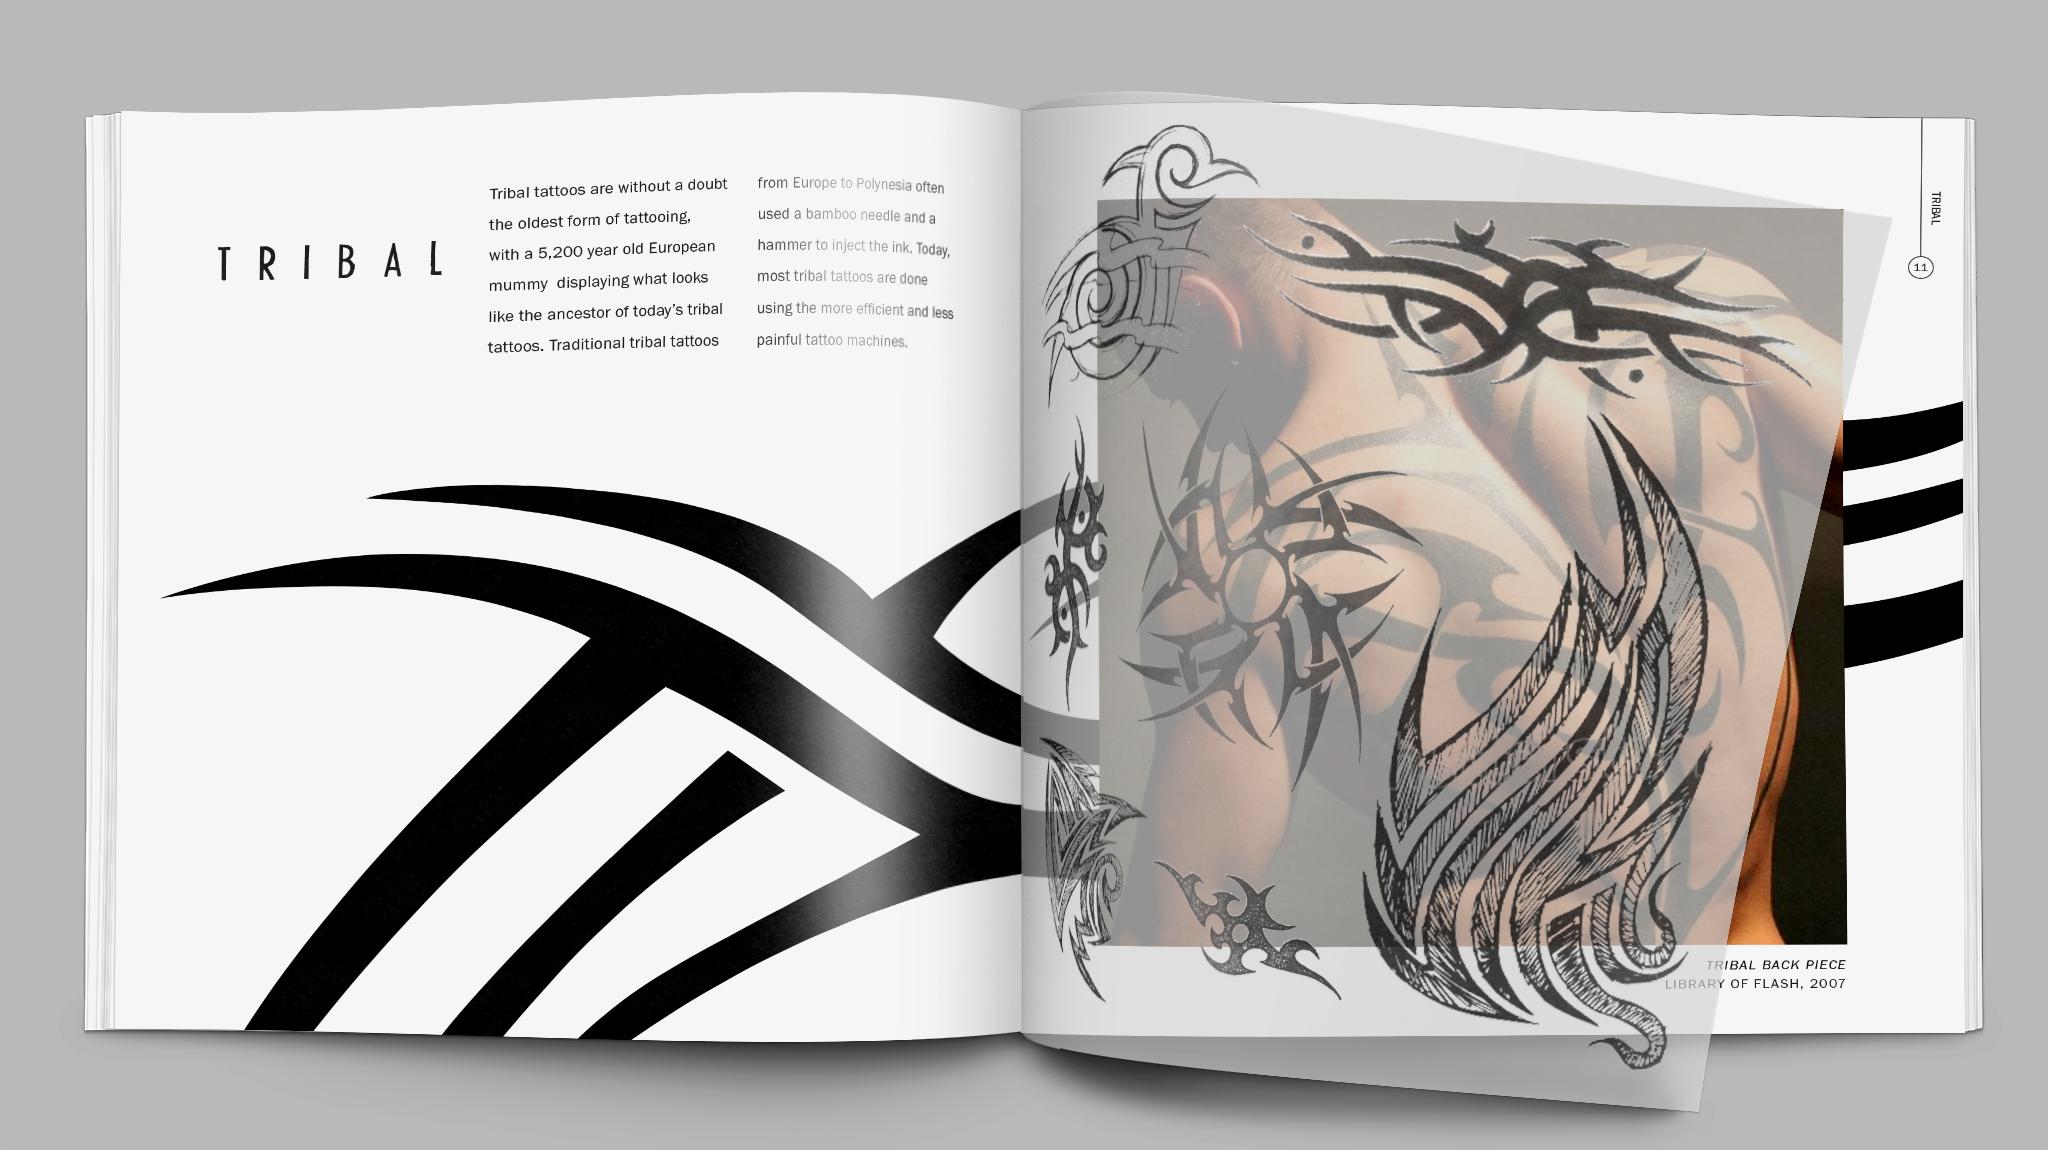 Tattoo_VirtualTrans02.jpg